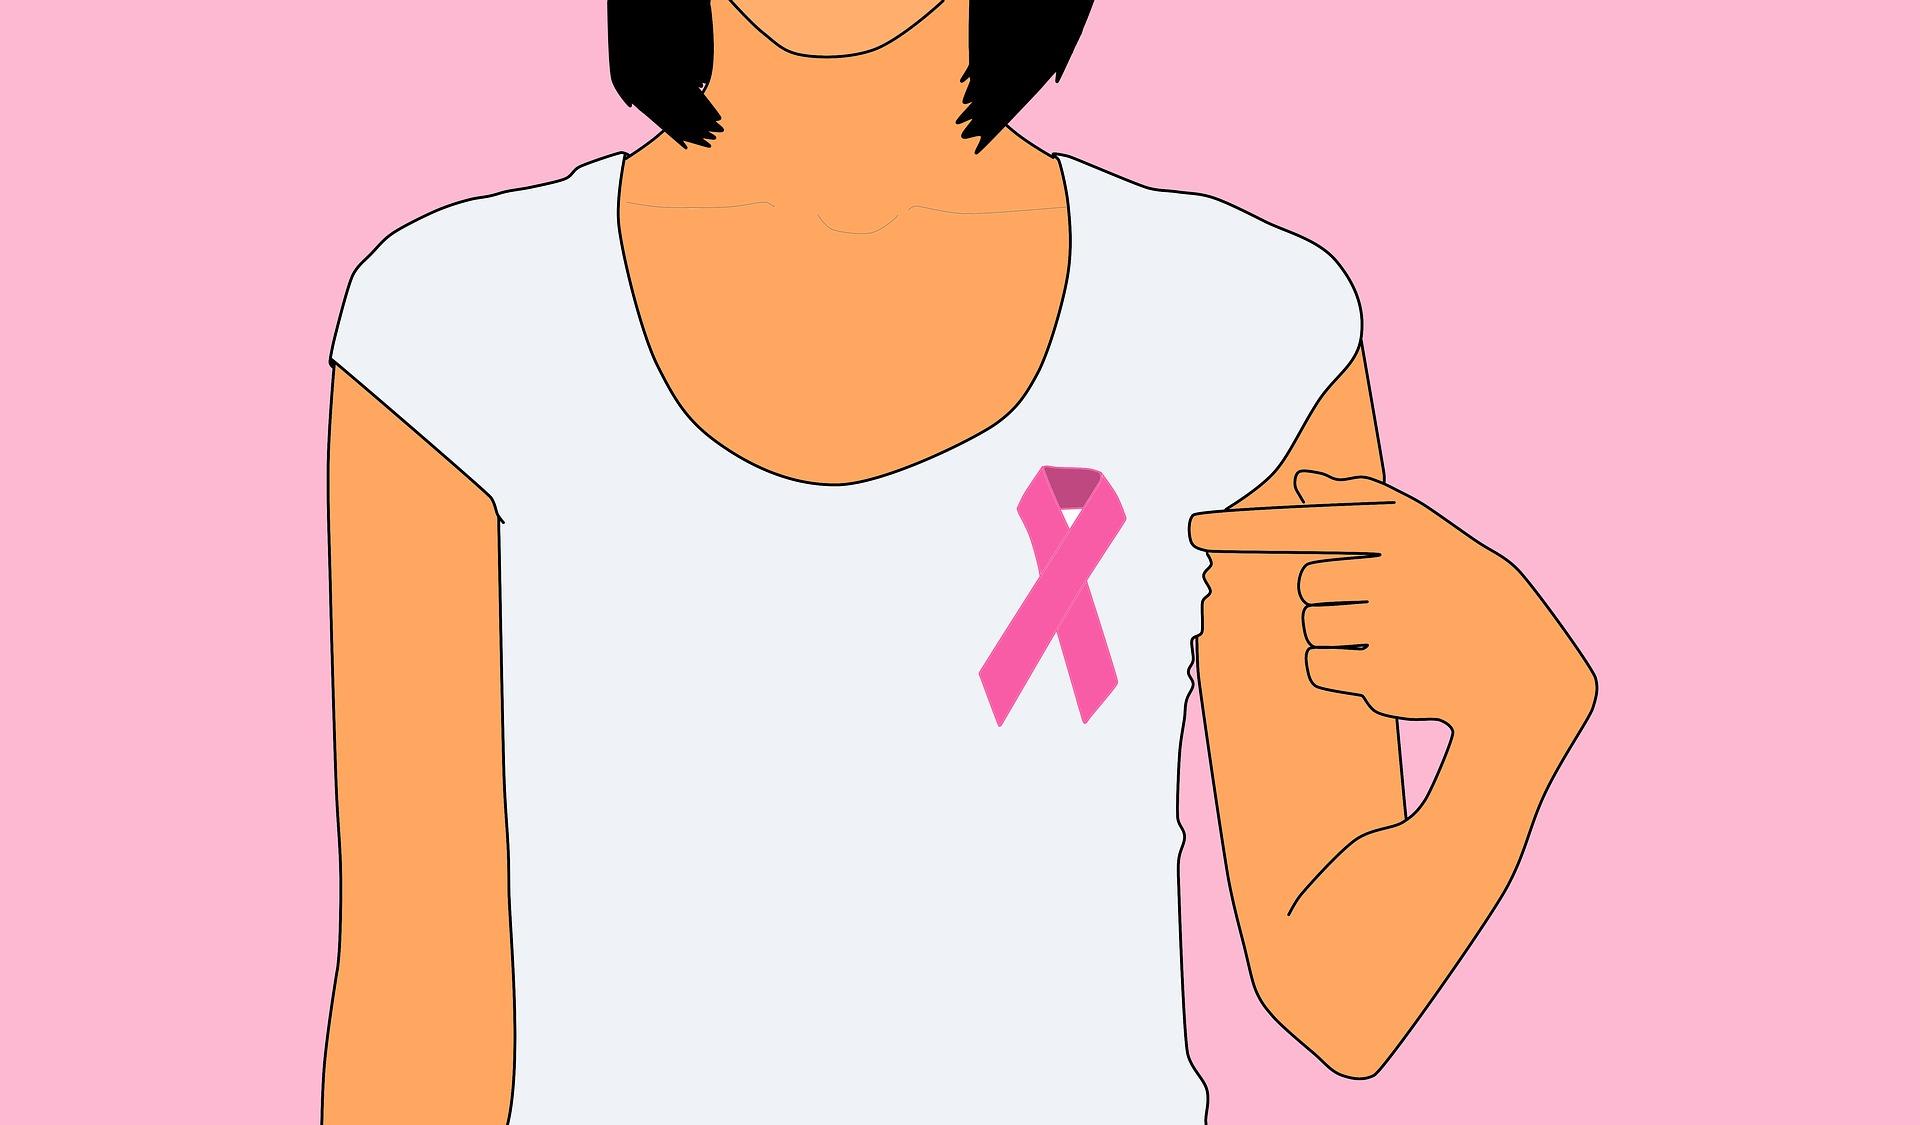 El aceite de oliva podría ayudar a desarrollar una terapia contra el cáncer de mama